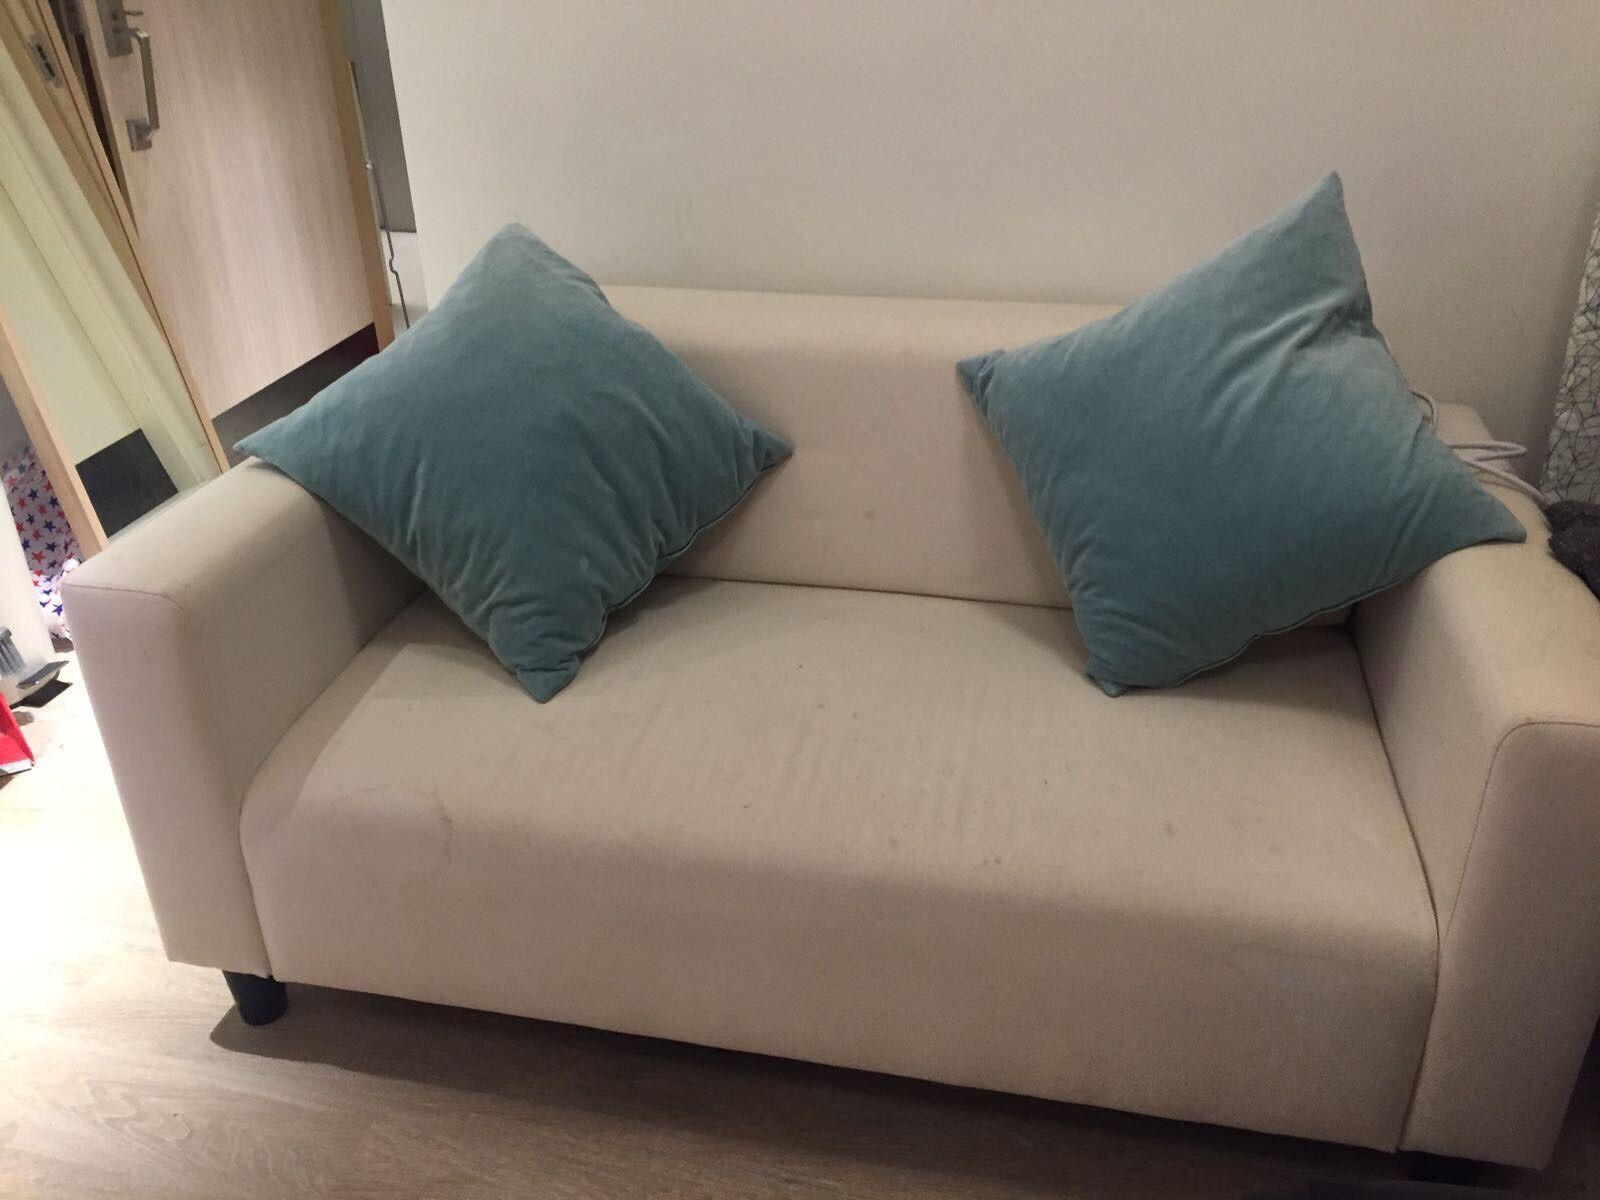 Ikea sofa free Home & Garden Classifieds Hong Kong Angloinfo